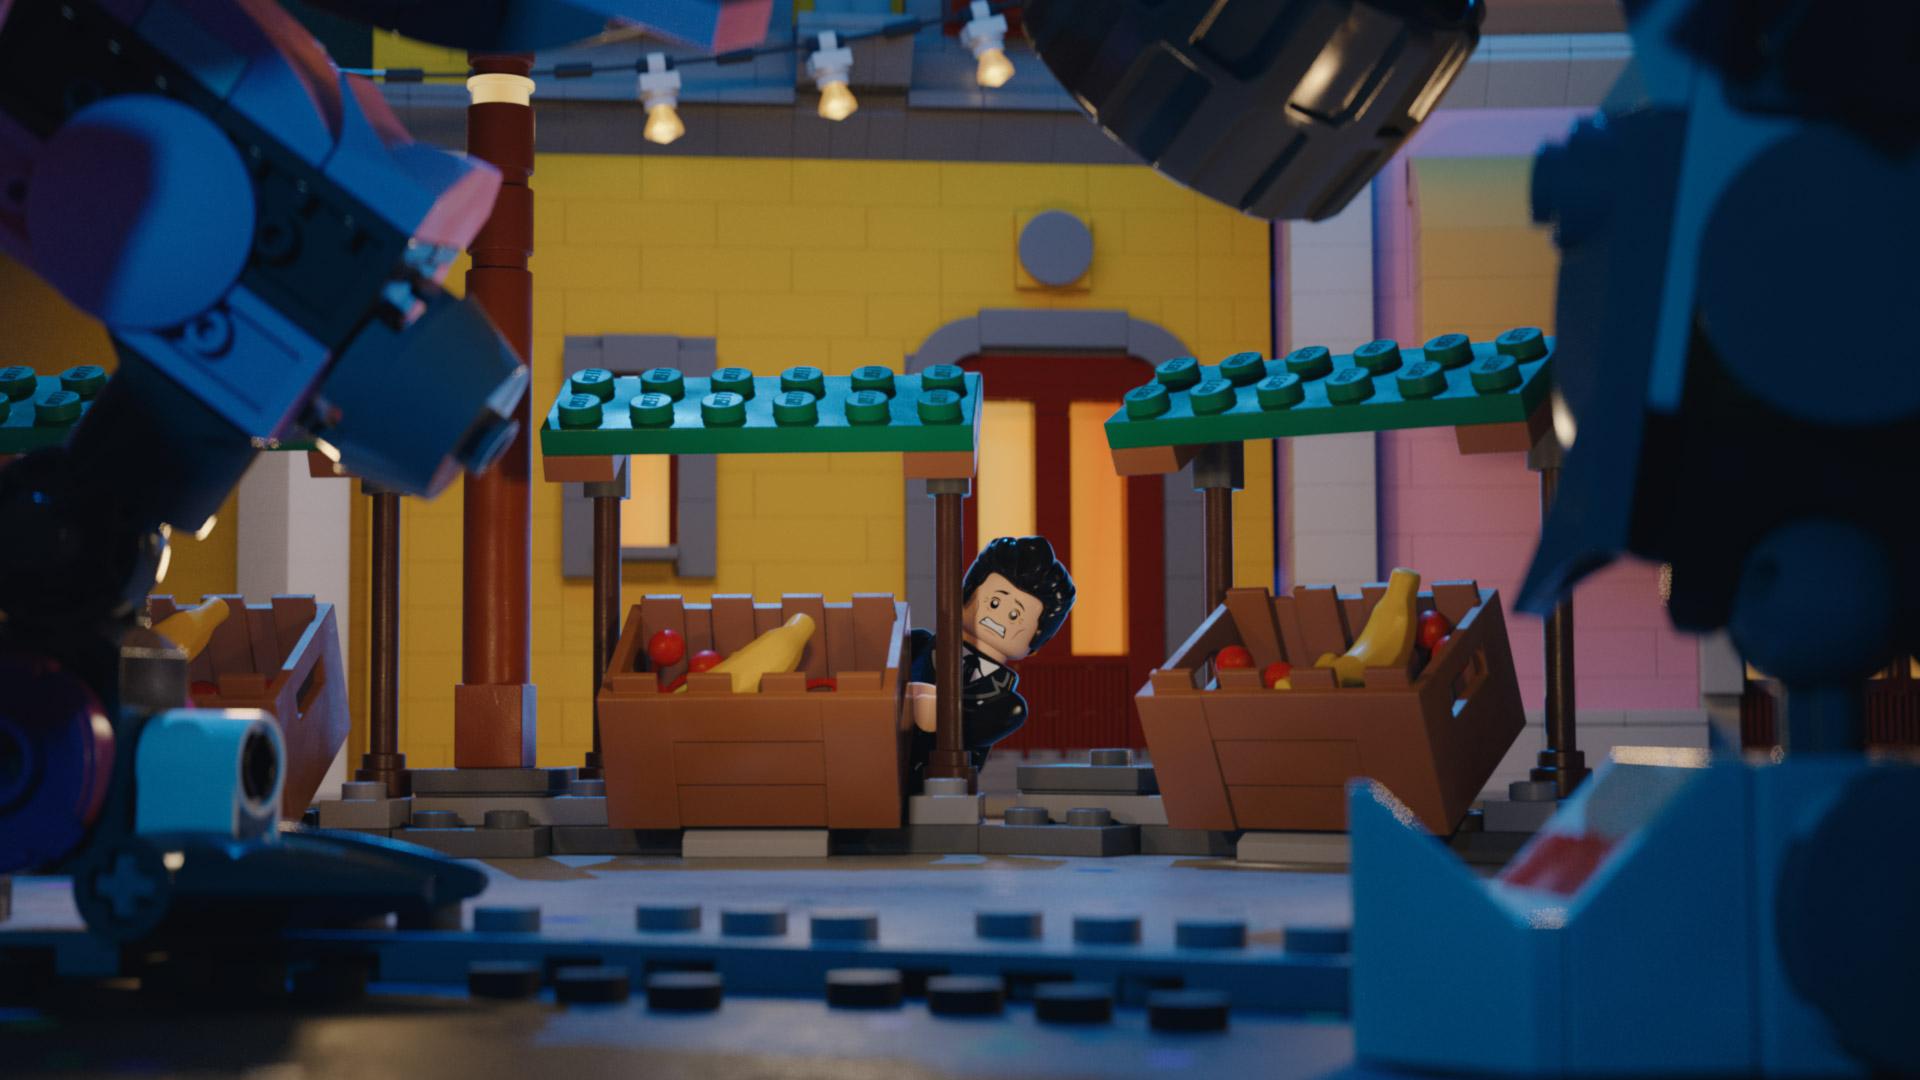 LEGO_OW_94283